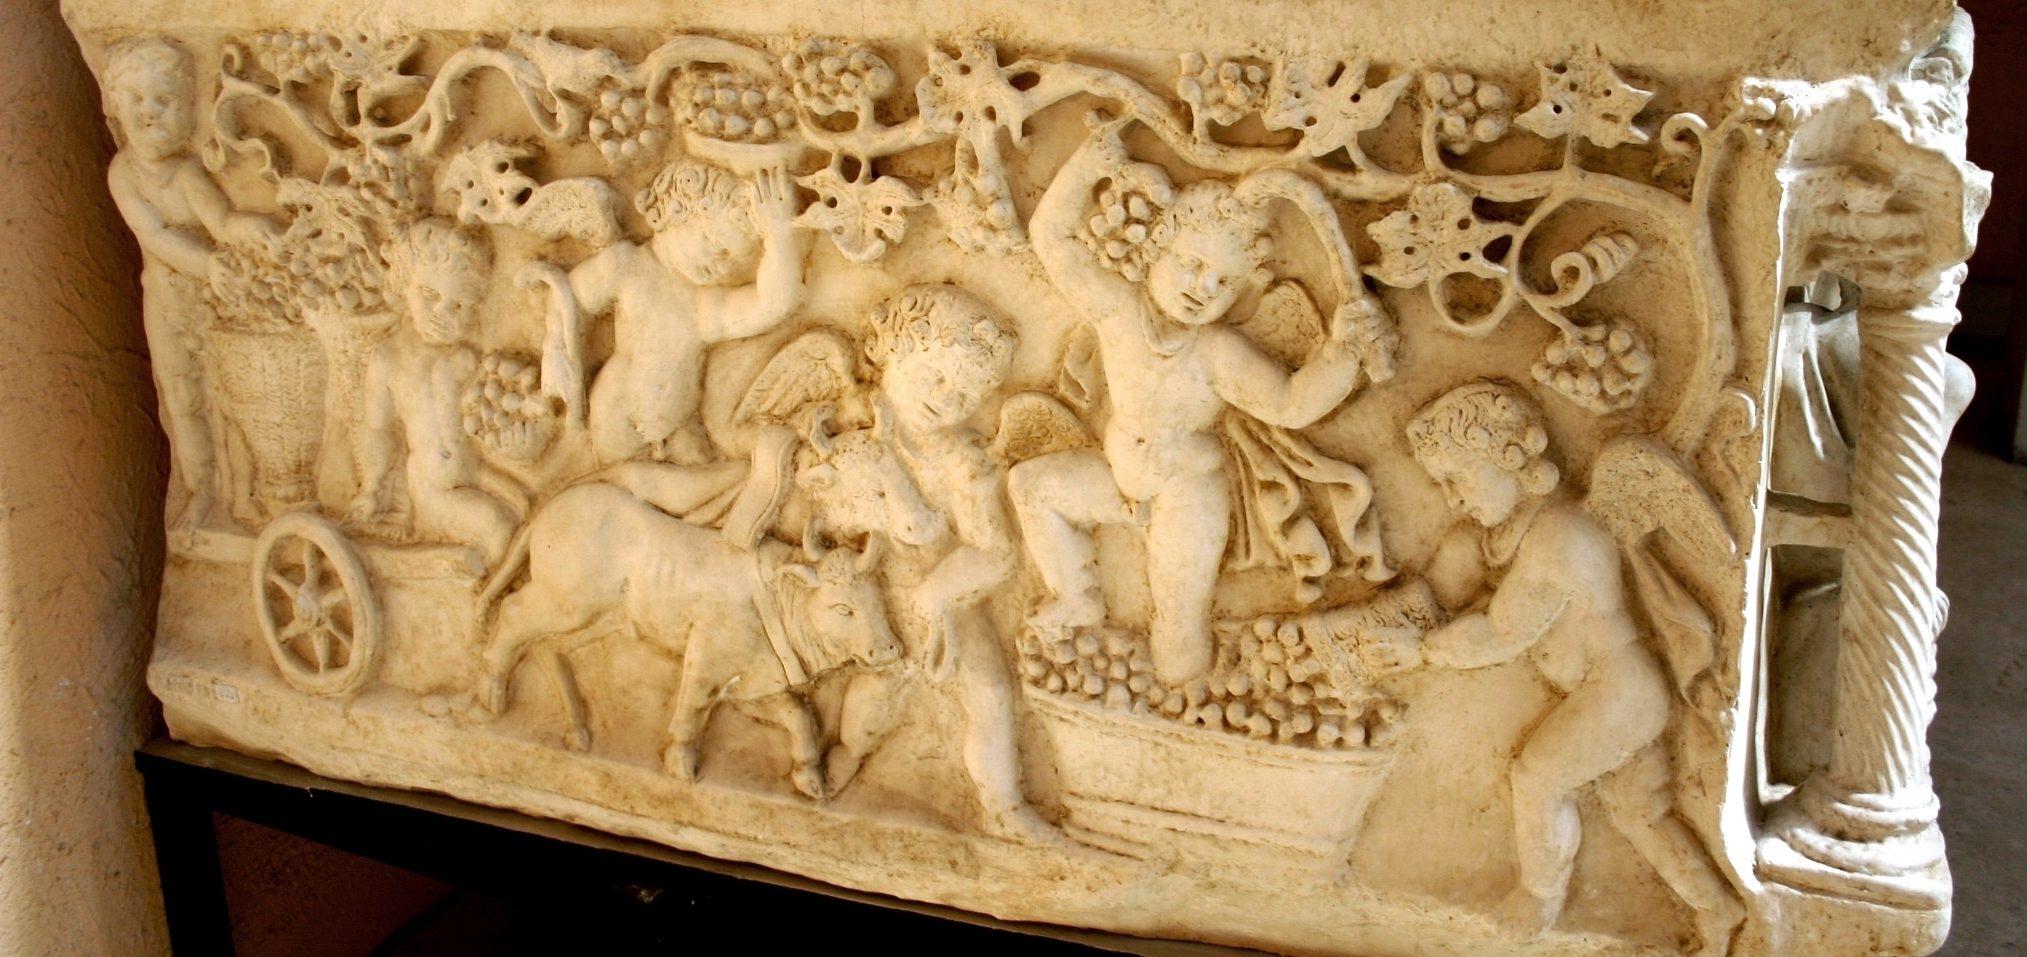 1065_-_Roma,_Museo_d._civiltà_Romana_-_Calco_sarcofago_Giunio_Basso_-_Foto_Giovanni_Dall'Orto,_12-Apr-2008